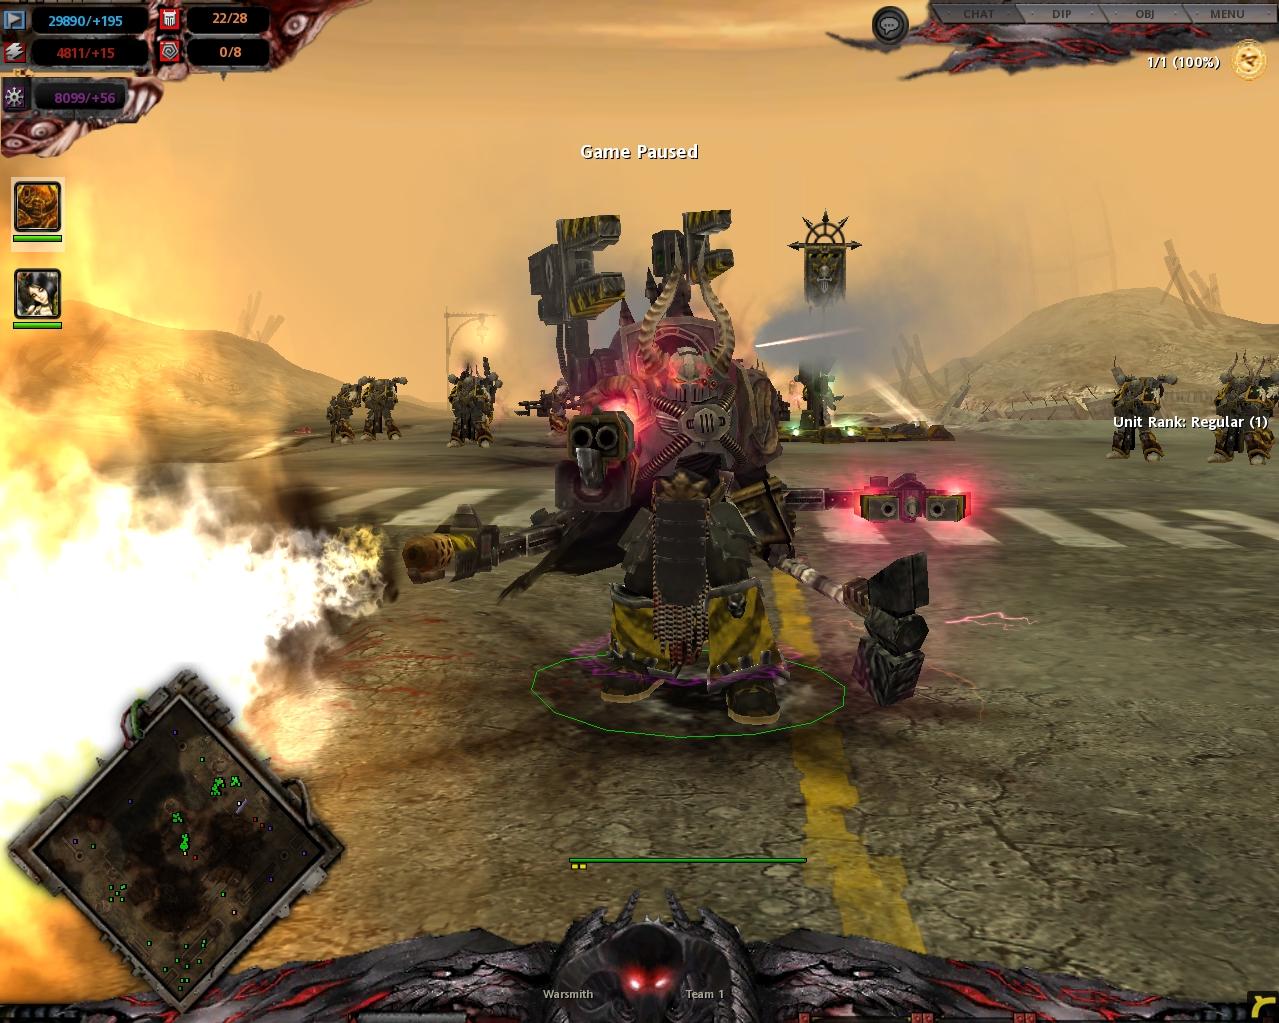 ПОМОГИТЗЫКОМ! : Warhammer 40,000: Dawn of War 12